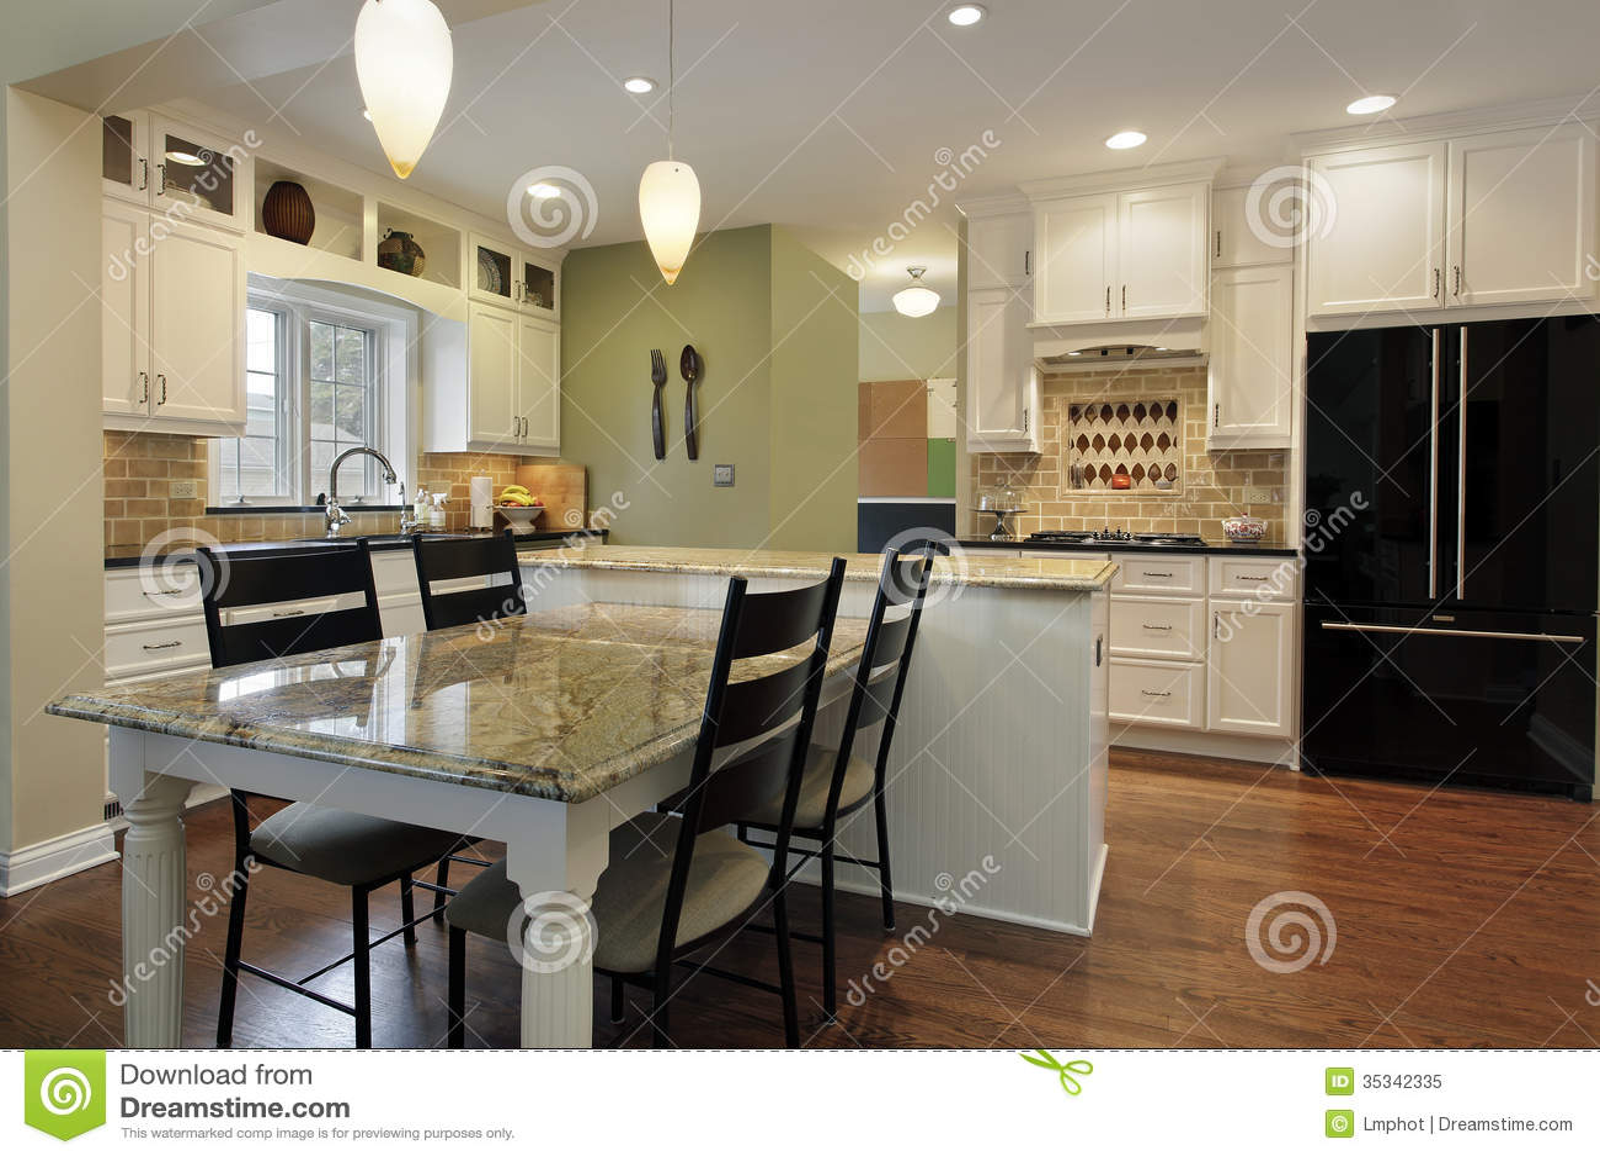 Küche mit Granitinsel stockbild. Bild von abendessen - 35342335